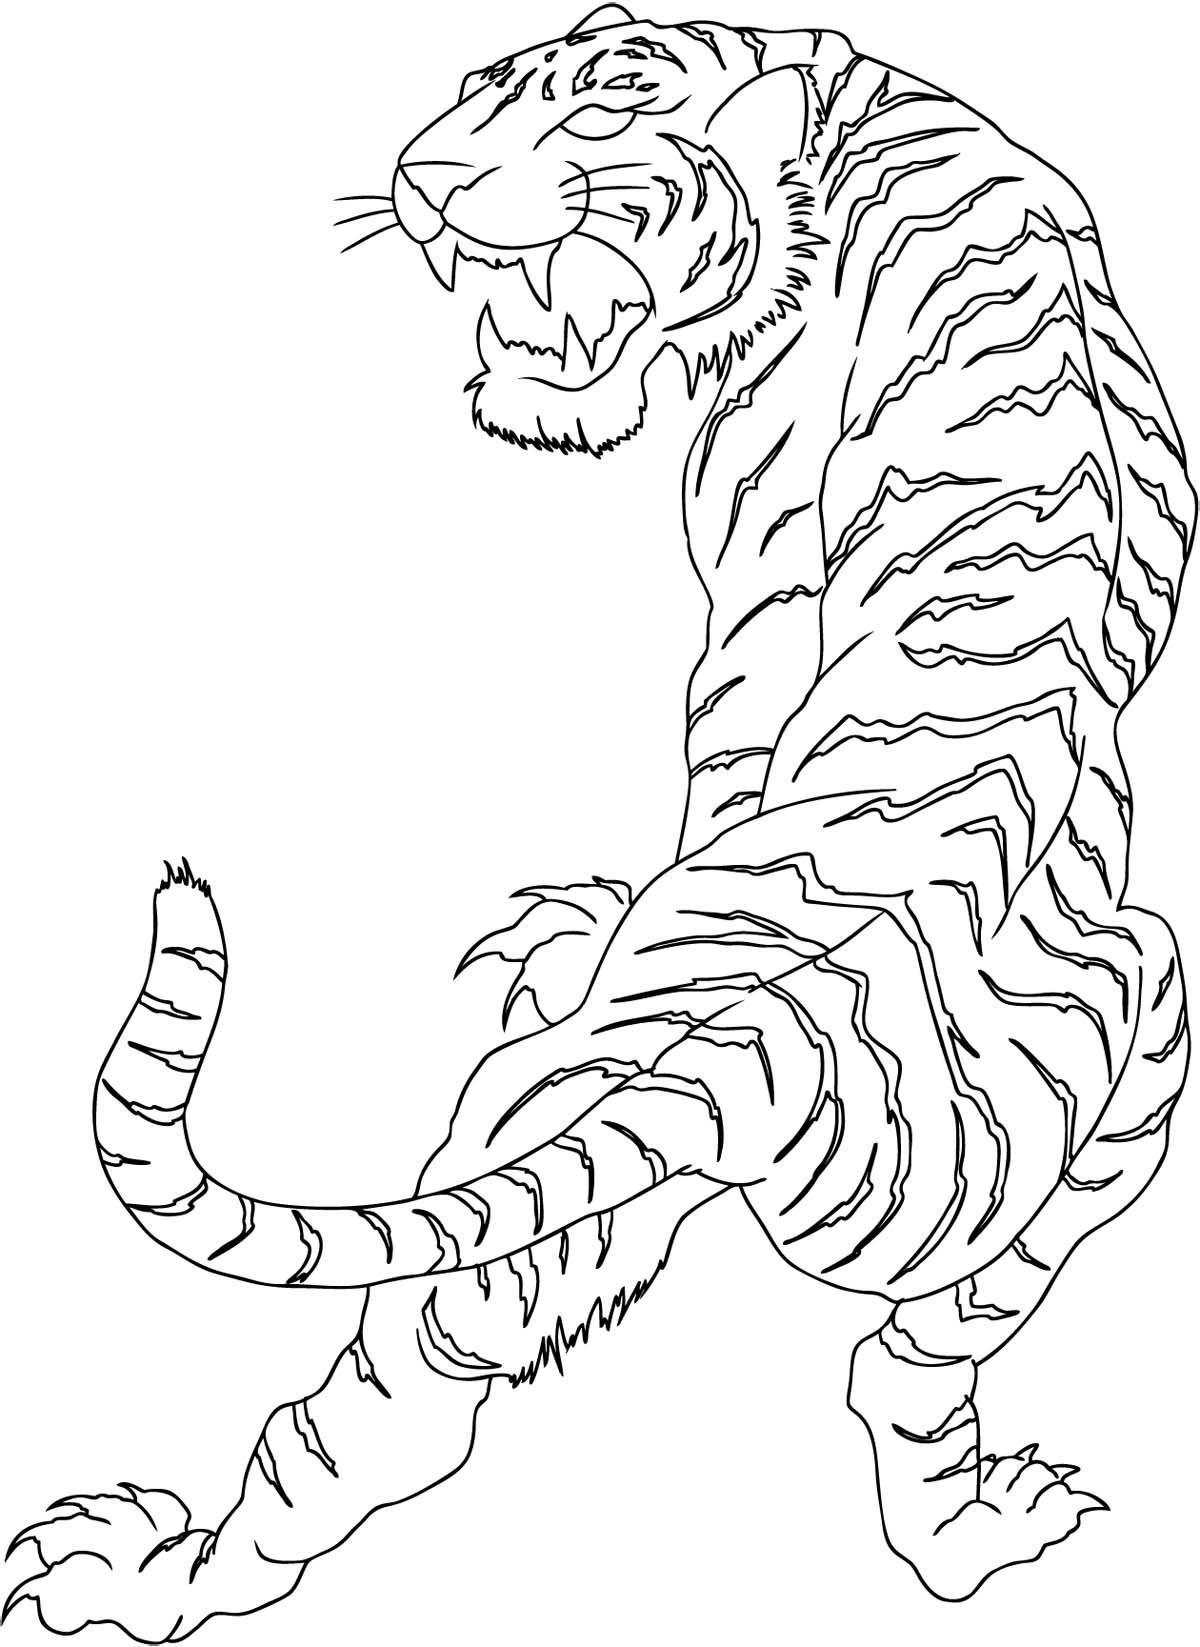 Flash Tattoos Designs 33 White Tiger Tattoo Tiger Tattoo Design Ribcage Tattoo